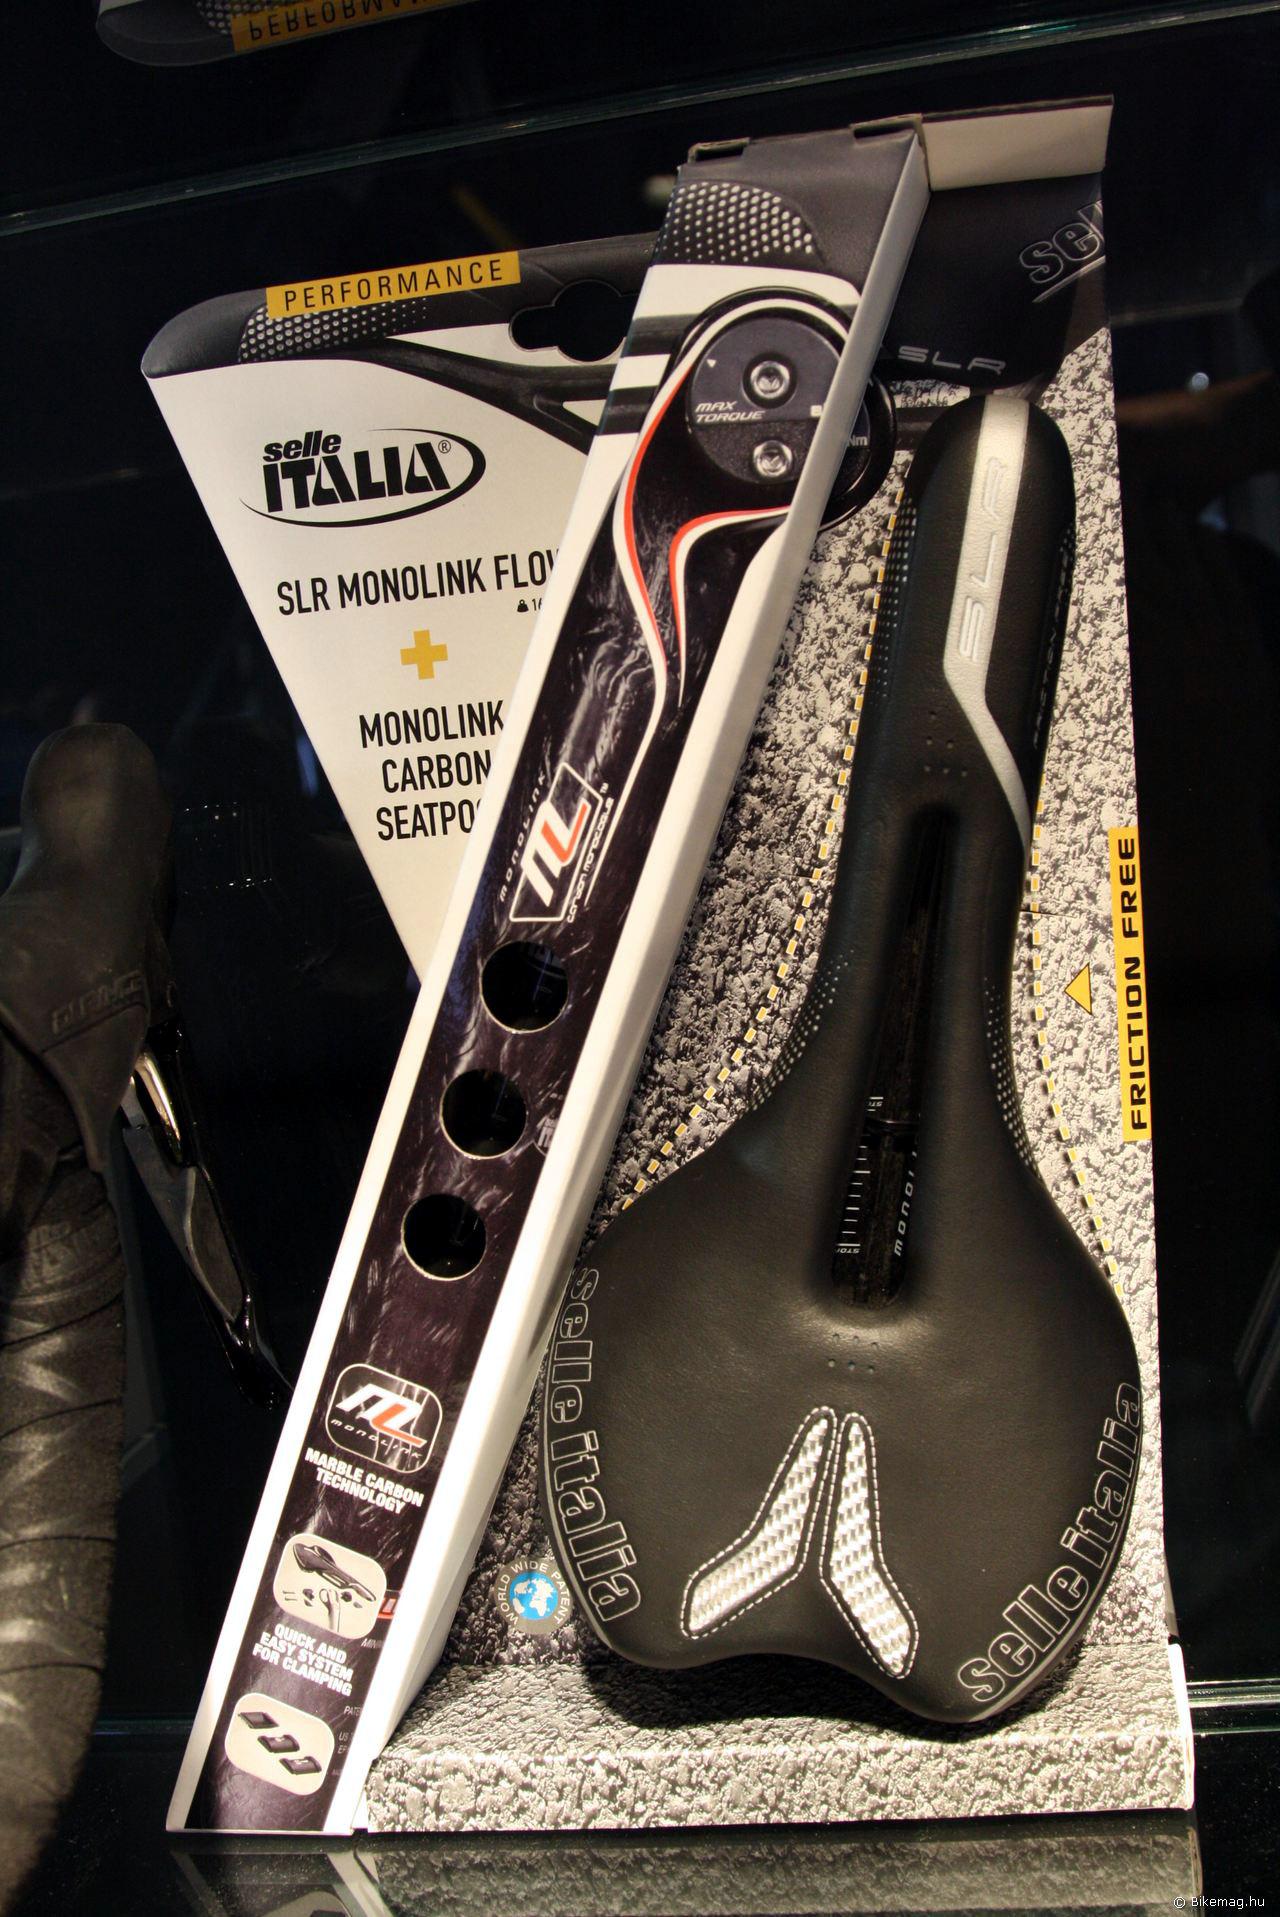 Selle Italia SLR + karbon Monolink nyeregcső szett